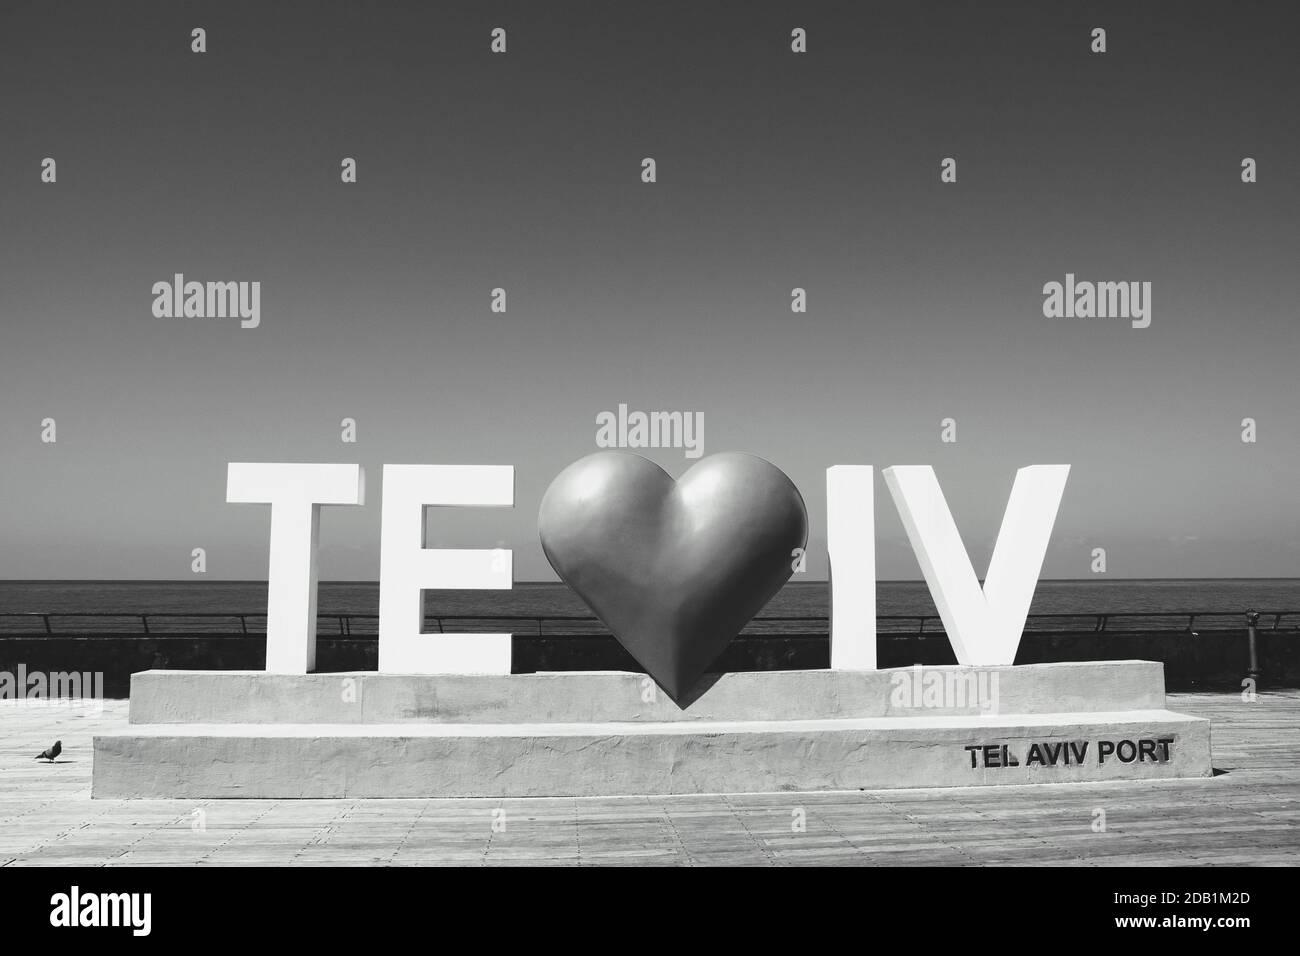 Tel Aviv Love-Schild mit Herz am Stadthafen. Der Hafen von Tel Aviv (Israel) ist ein beliebtes Freizeit- und Geschäftsviertel. Schwarz weiß Stockfoto